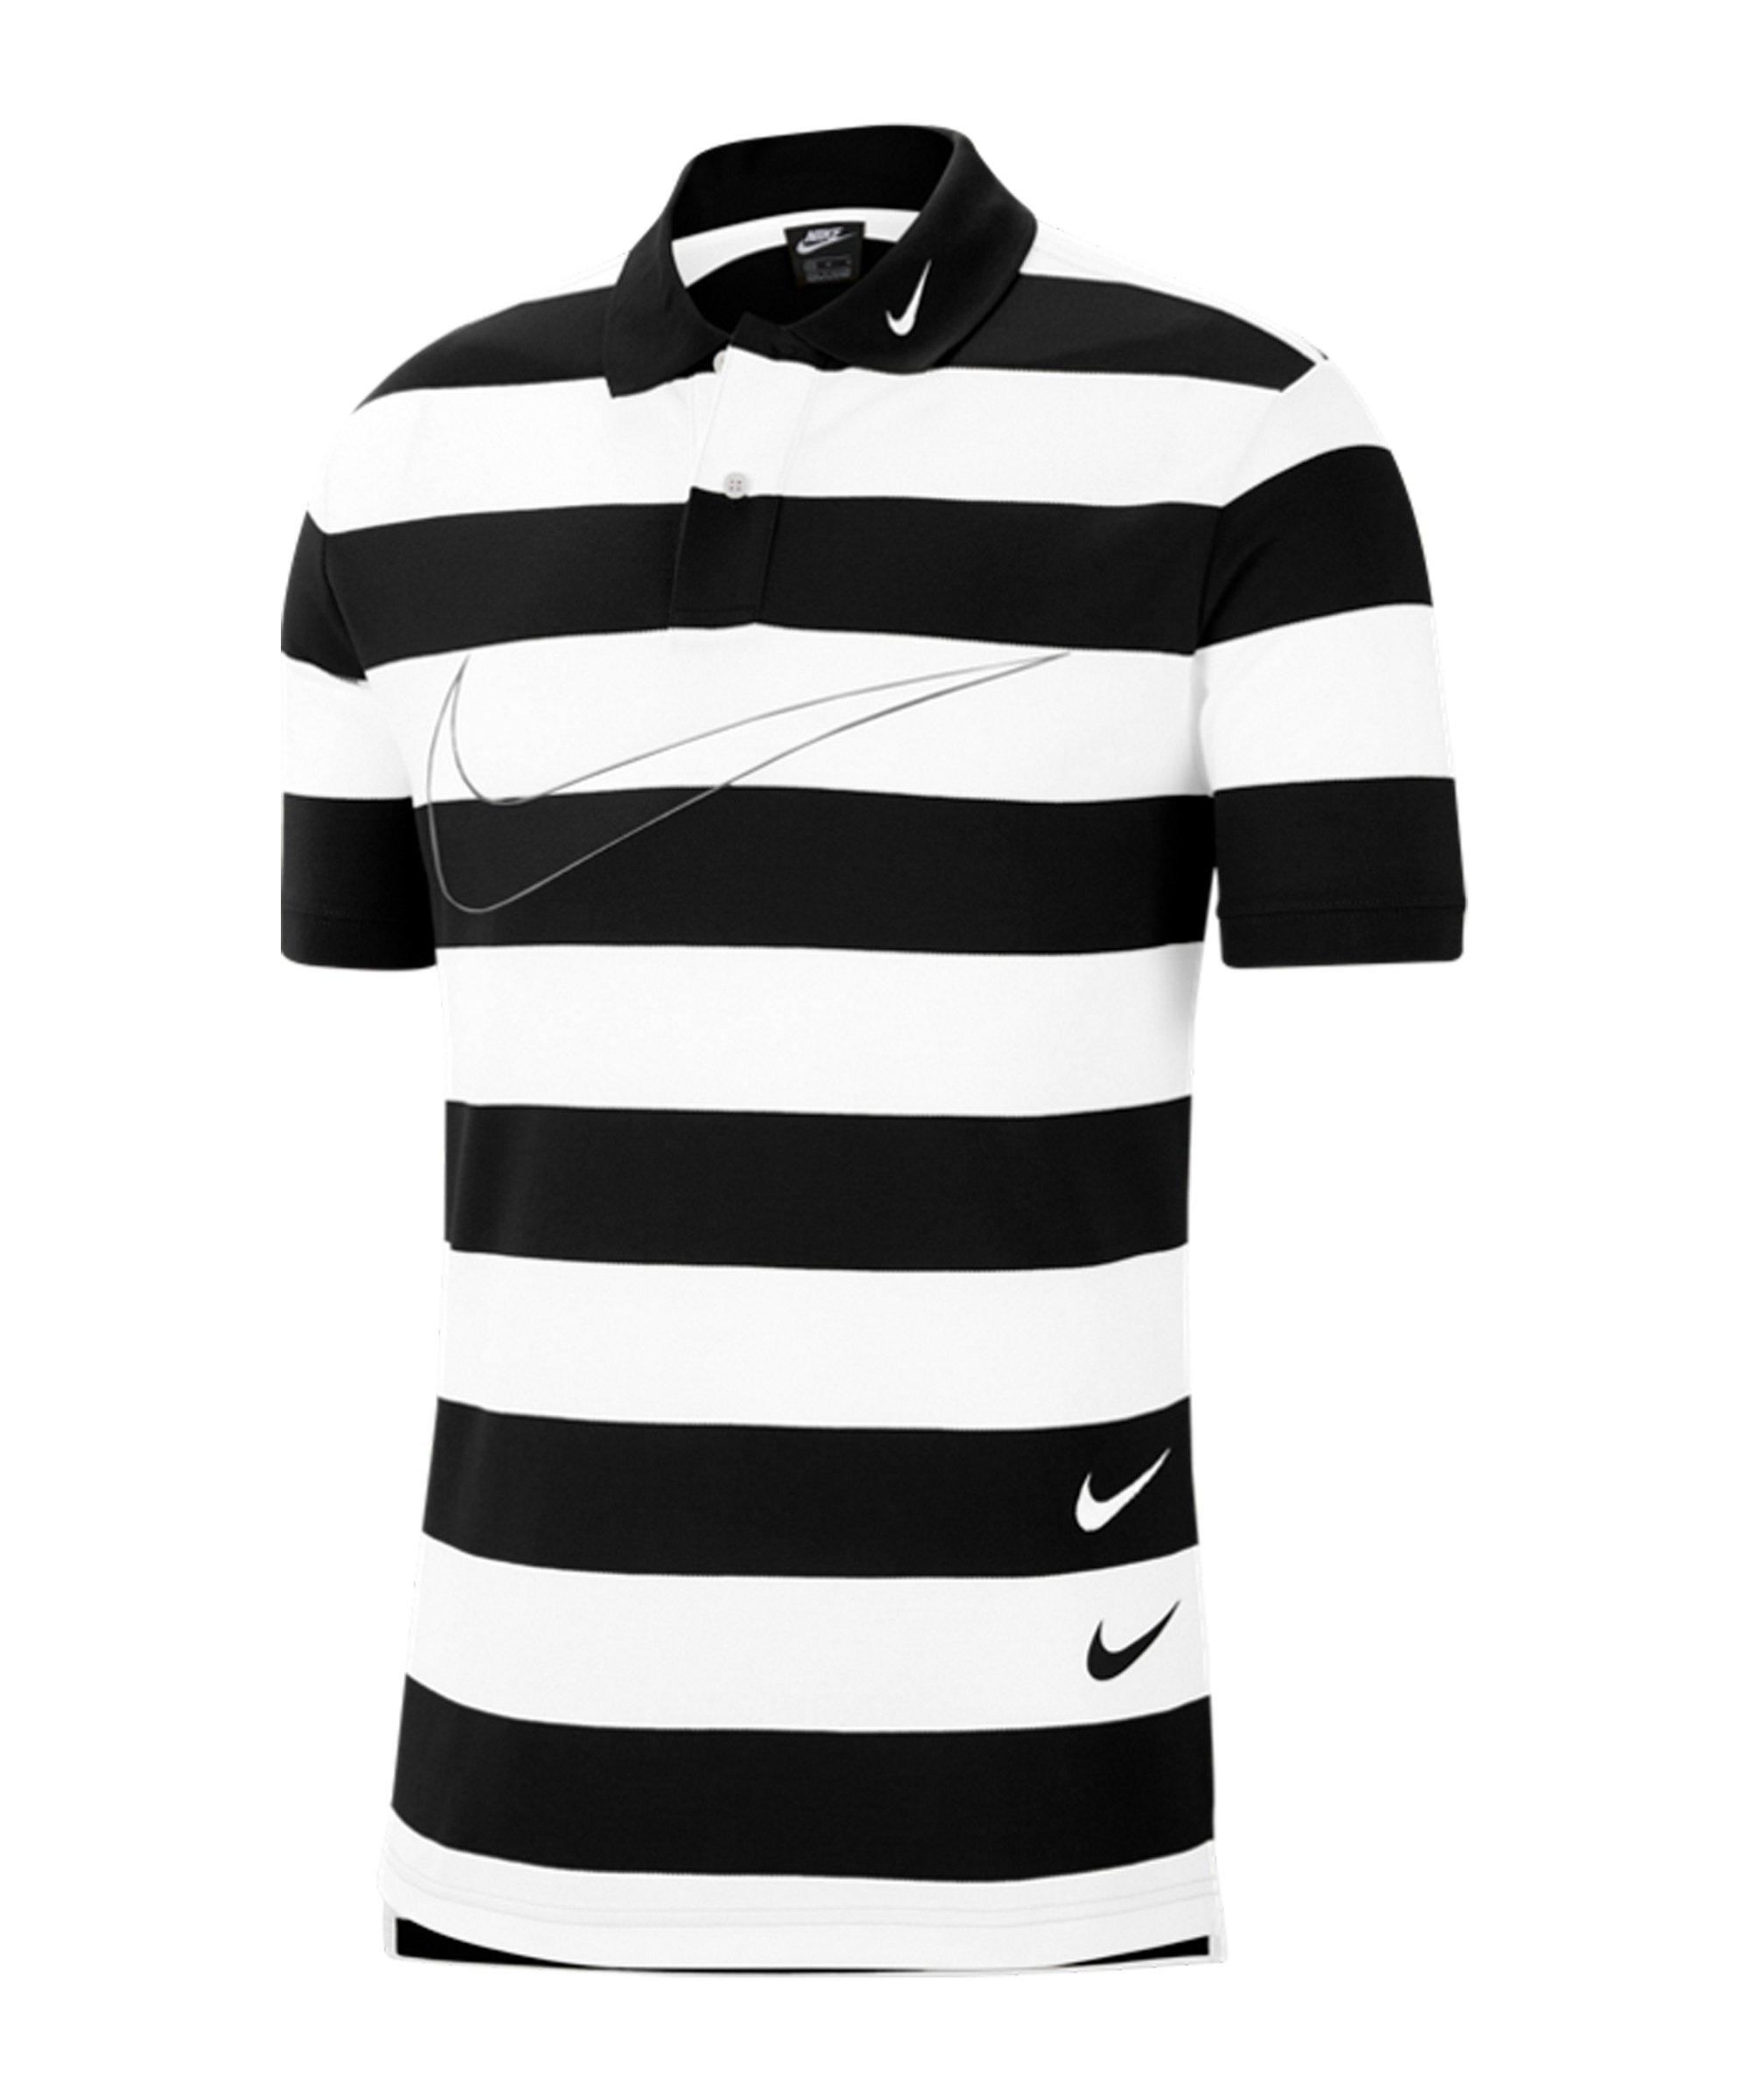 Nike Swoosh Poloshirt Schwarz Weiss F011 - schwarz